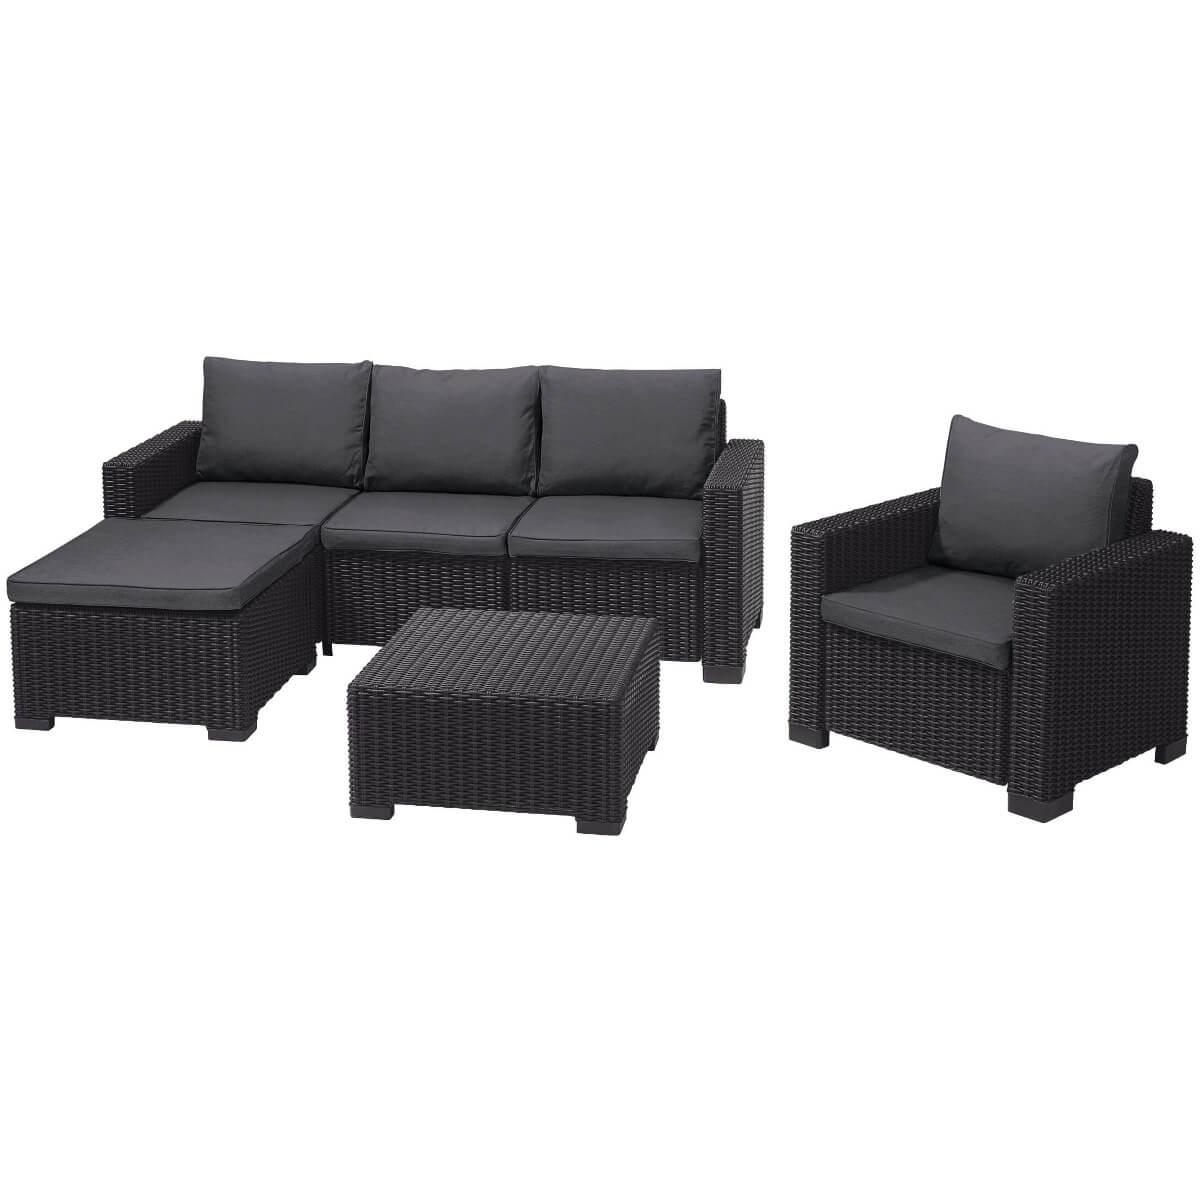 Комплект мебели Allibert Moorea 17205802